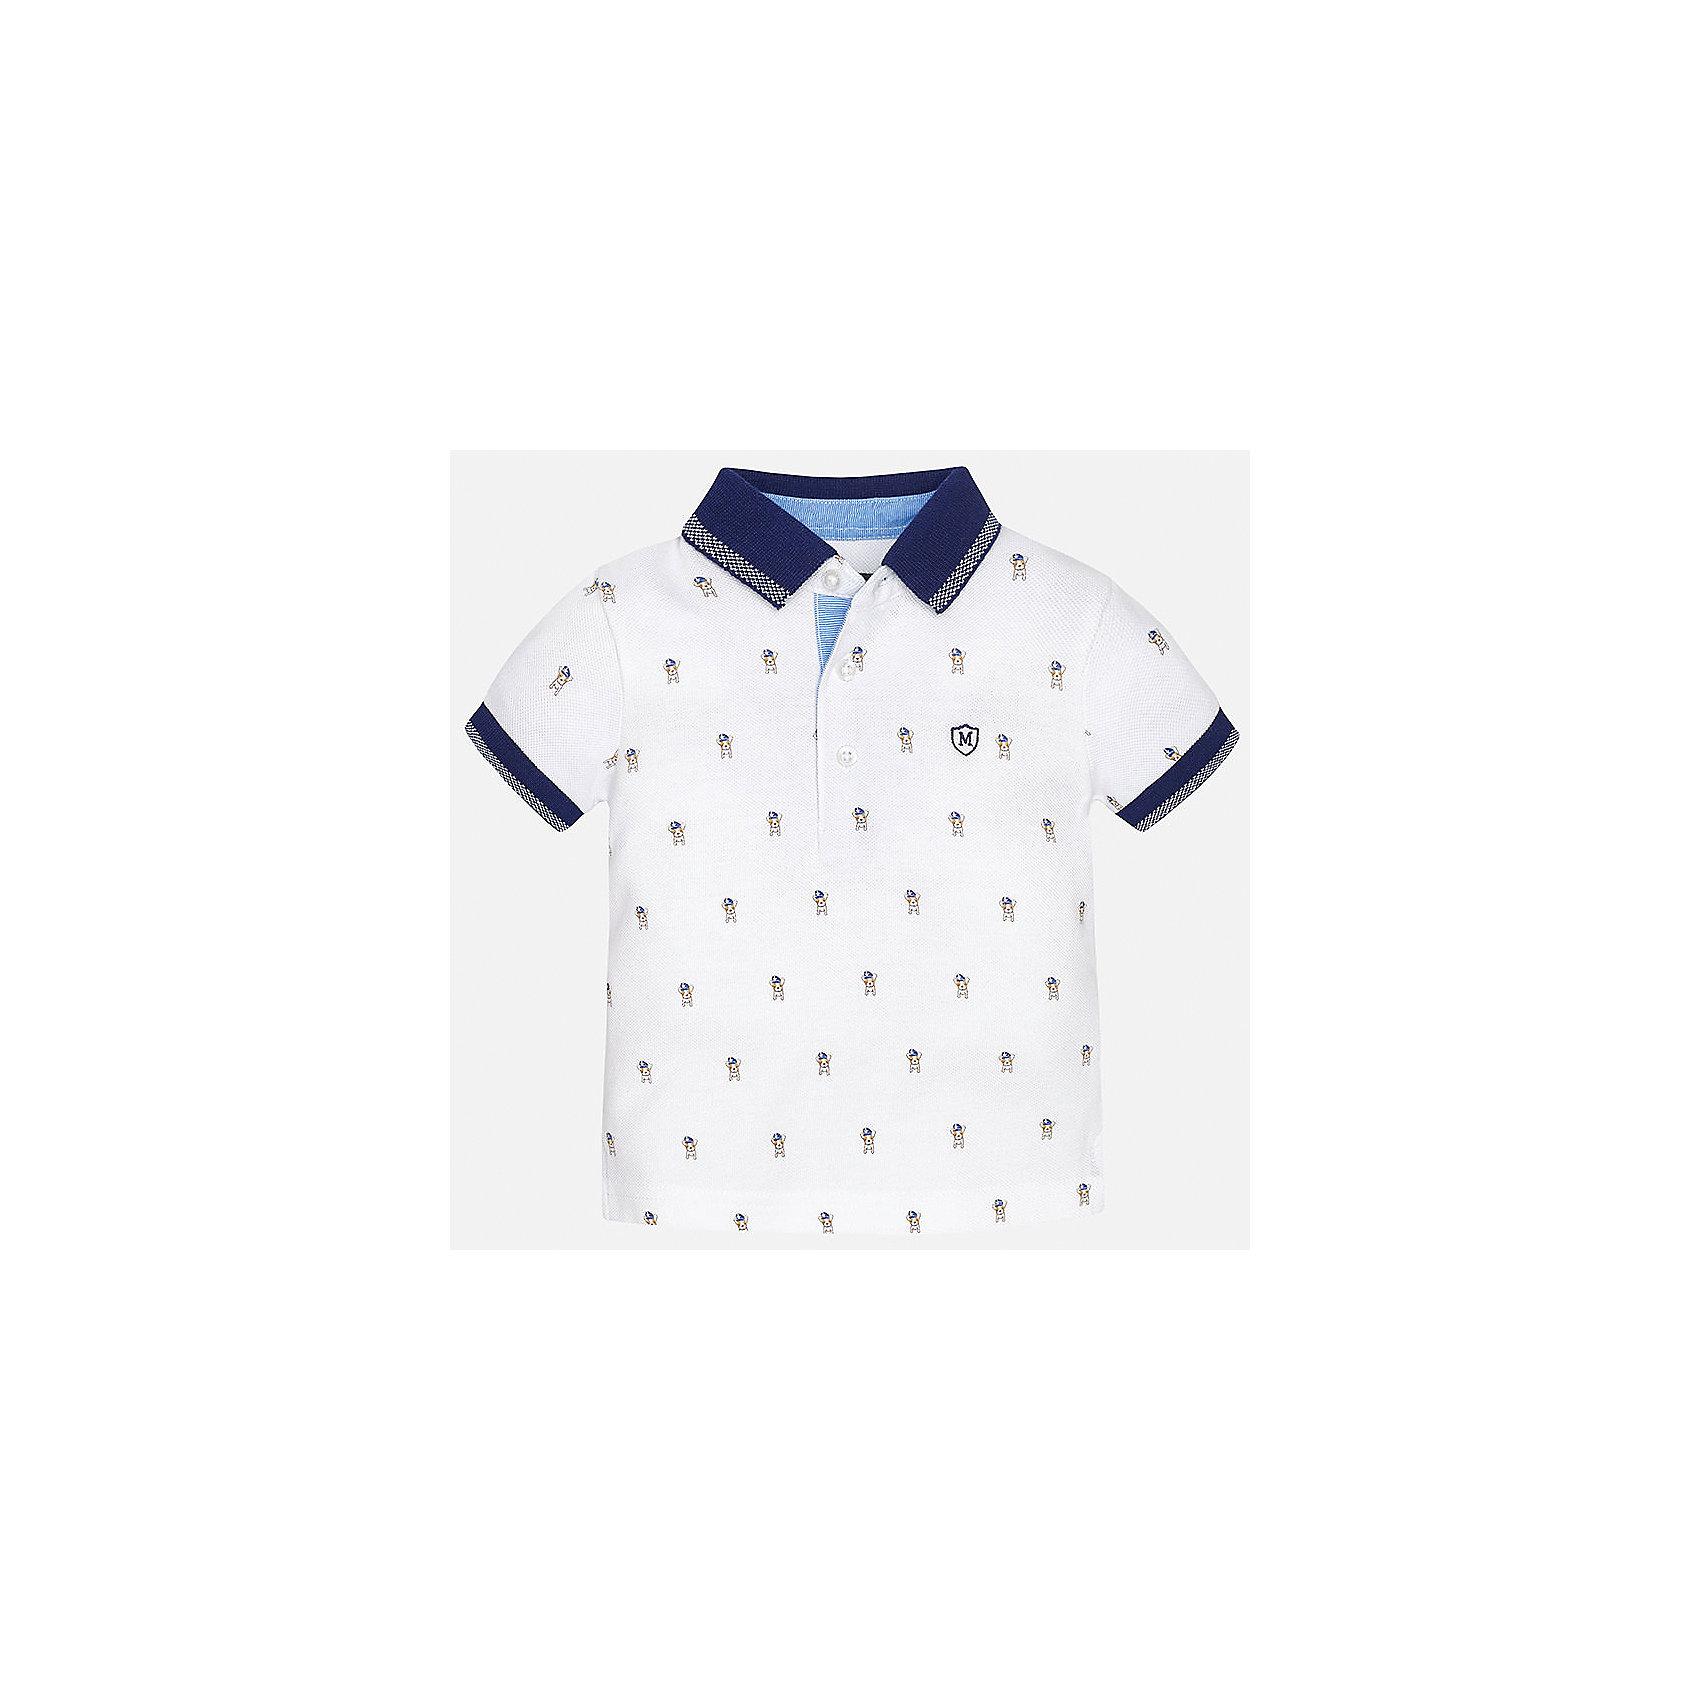 Футболка-поло для мальчика MayoralФутболки, топы<br>Характеристики товара:<br><br>• цвет: белый<br>• состав: 100% хлопок<br>• отложной воротник<br>• короткие рукава<br>• застежка: пуговицы<br>• вышивка на груди<br>• страна бренда: Испания<br><br>Удобная и модная футболка-поло для мальчика может стать базовой вещью в гардеробе ребенка. Она отлично сочетается с брюками, шортами, джинсами и т.д. Универсальный крой и цвет позволяет подобрать к вещи низ разных расцветок. Практичное и стильное изделие! В составе материала - только натуральный хлопок, гипоаллергенный, приятный на ощупь, дышащий.<br><br>Одежда, обувь и аксессуары от испанского бренда Mayoral полюбились детям и взрослым по всему миру. Модели этой марки - стильные и удобные. Для их производства используются только безопасные, качественные материалы и фурнитура. Порадуйте ребенка модными и красивыми вещами от Mayoral! <br><br>Футболку-поло для мальчика от испанского бренда Mayoral (Майорал) можно купить в нашем интернет-магазине.<br><br>Ширина мм: 230<br>Глубина мм: 40<br>Высота мм: 220<br>Вес г: 250<br>Цвет: белый<br>Возраст от месяцев: 6<br>Возраст до месяцев: 9<br>Пол: Мужской<br>Возраст: Детский<br>Размер: 74,92,80,86<br>SKU: 5278529